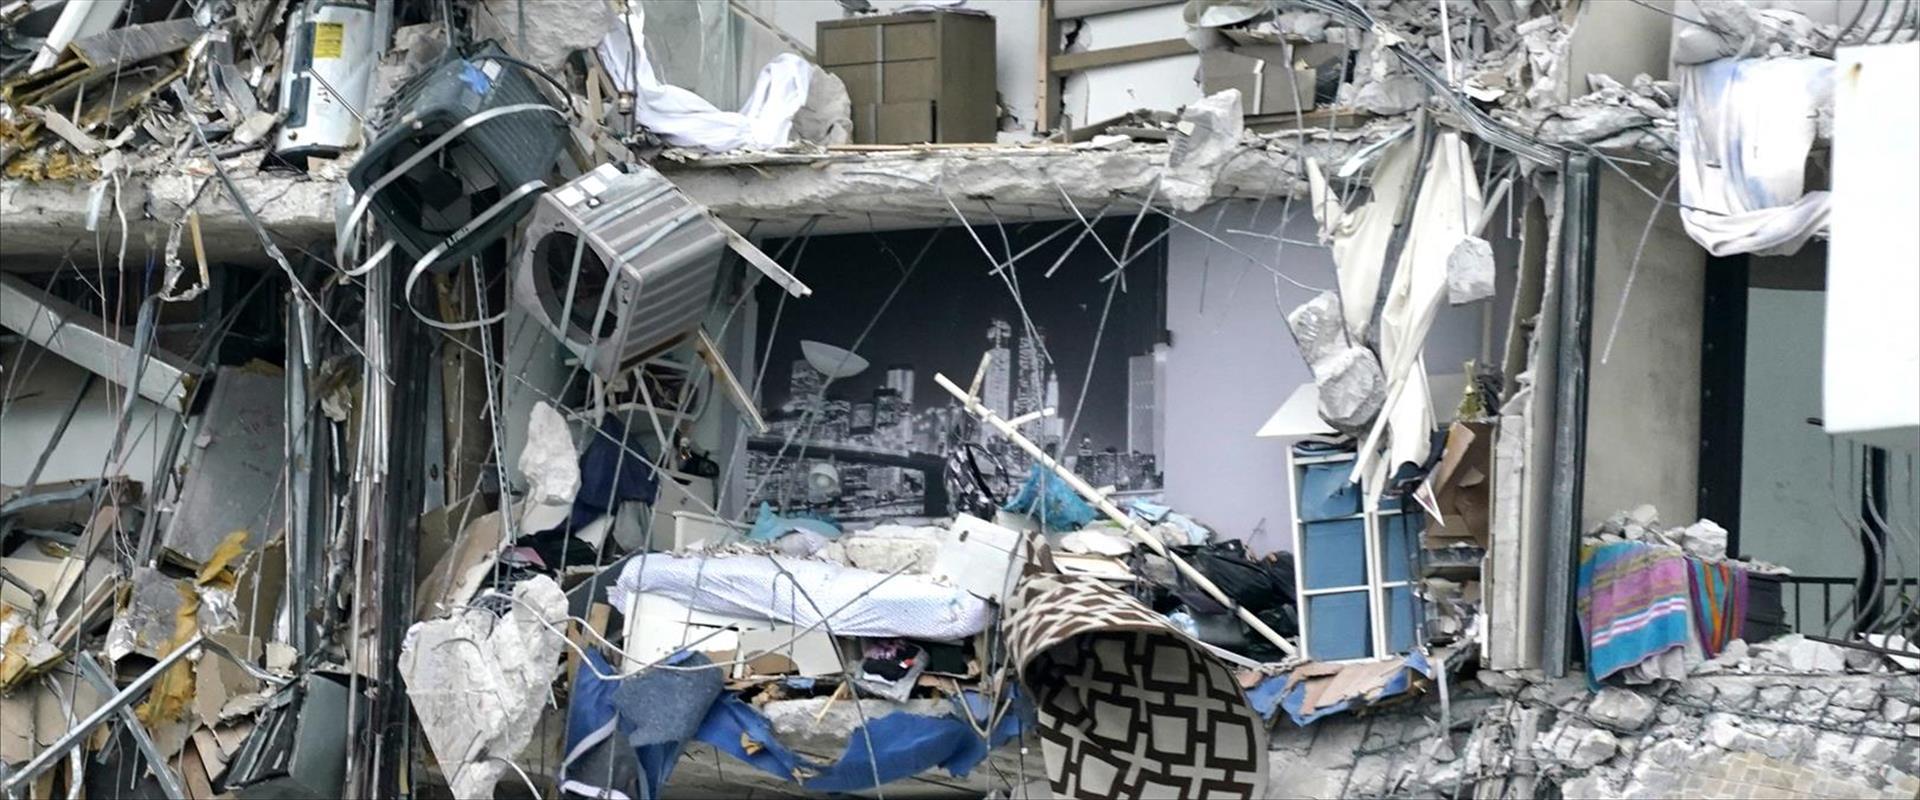 הבניין שקרס, היום